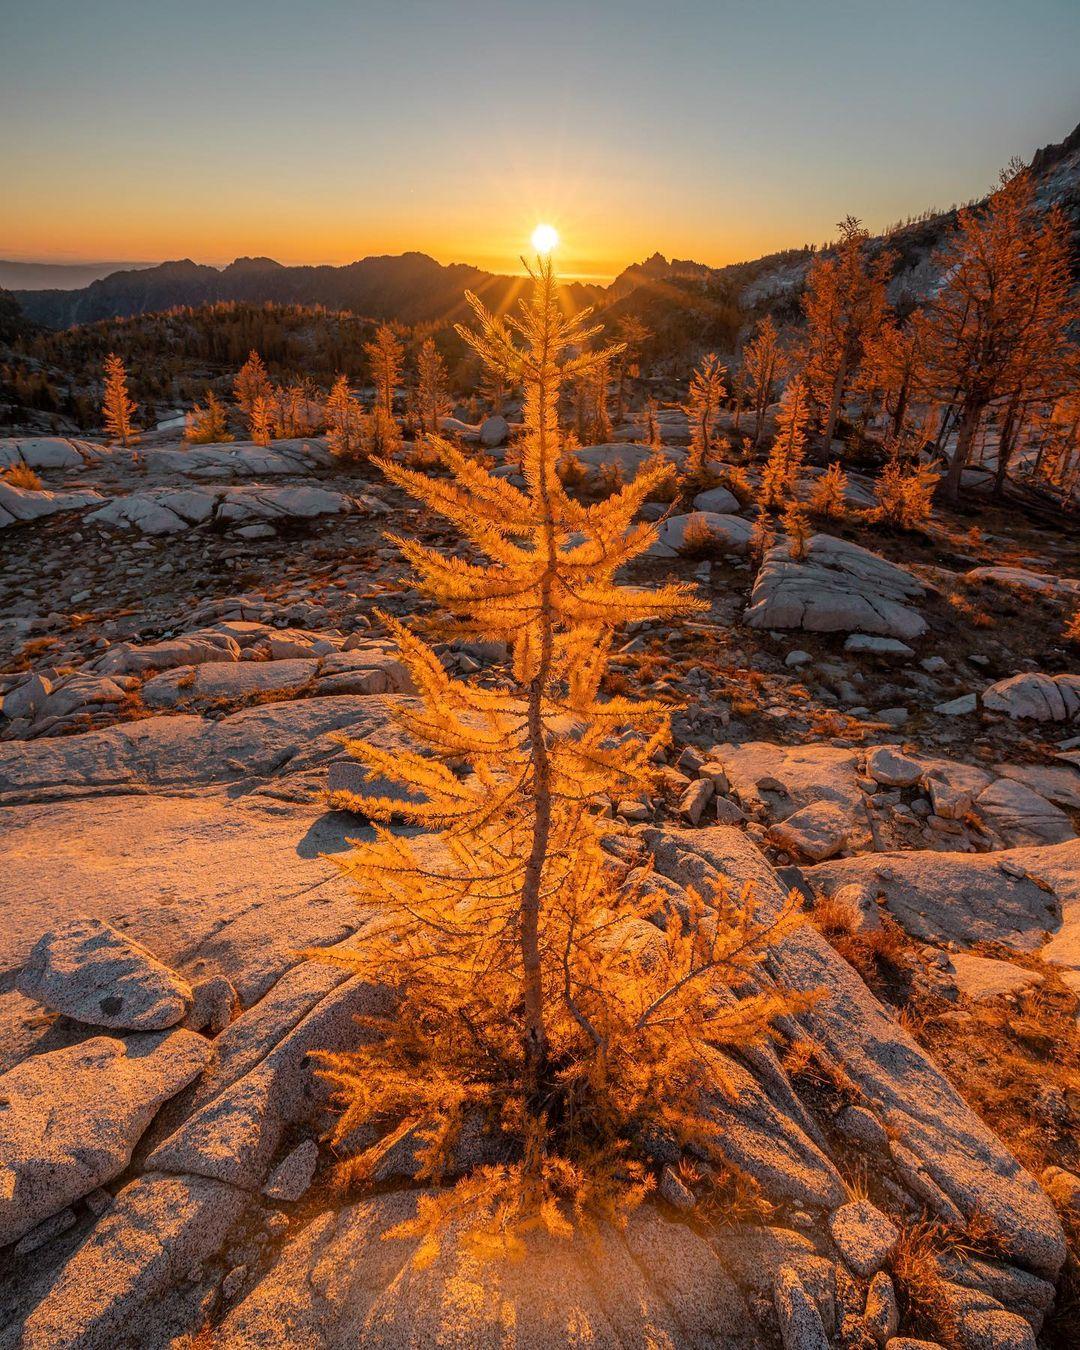 Природа и путешествия на снимках Скотта Кранца